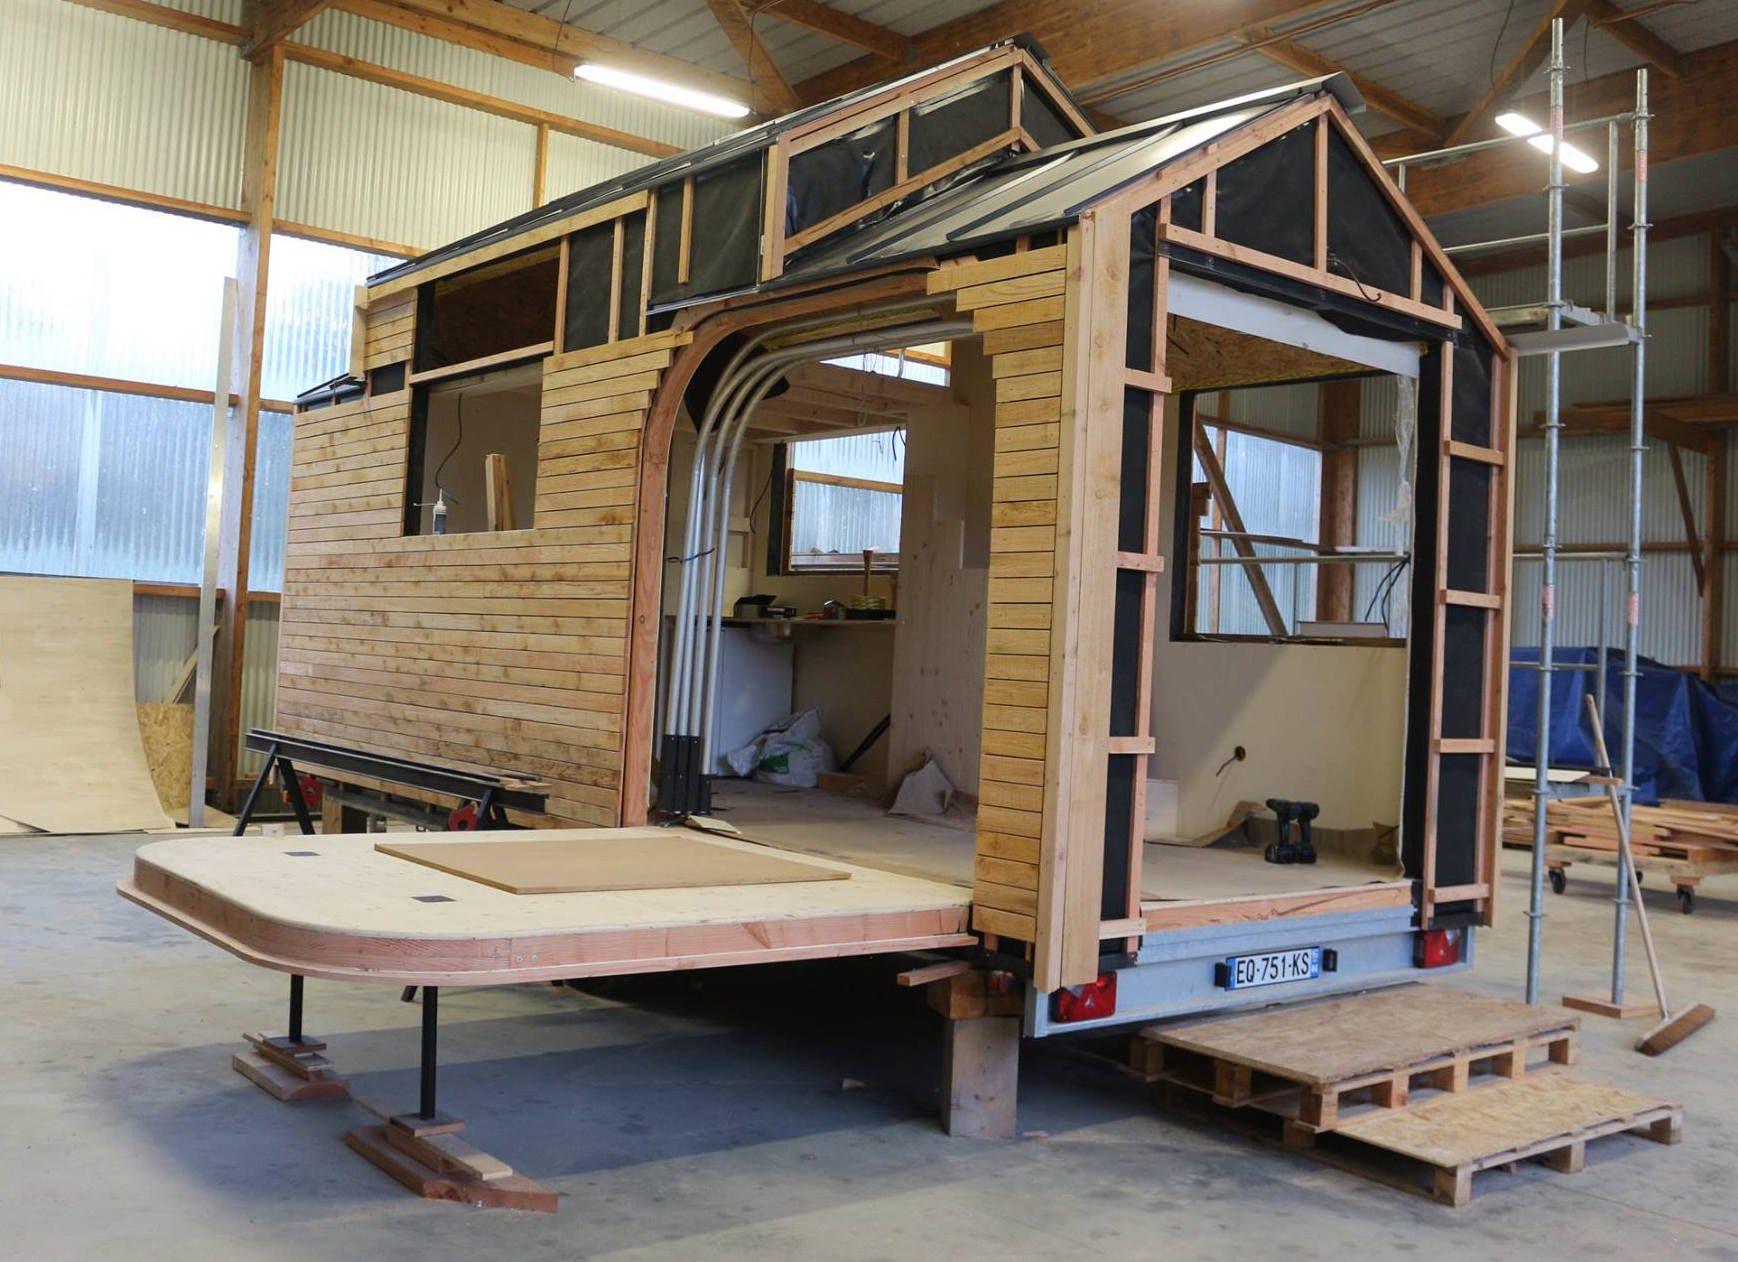 Achat Remorque Tiny House koateco construit une tiny house | Сад. Постройки | tiny